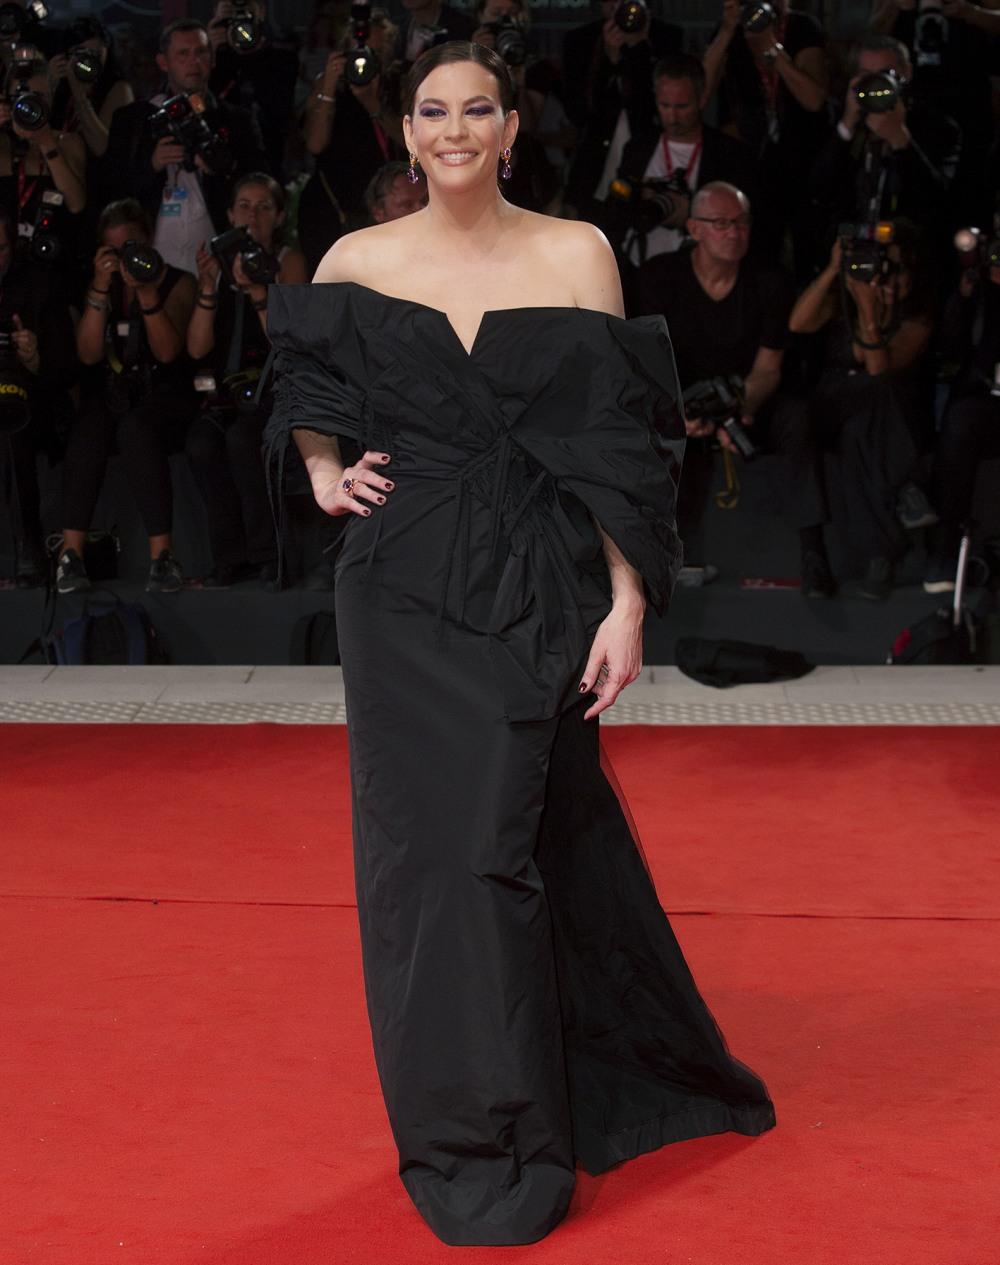 76th Venice Film Festival, Italy - 'Ad Astra'  -Premiere